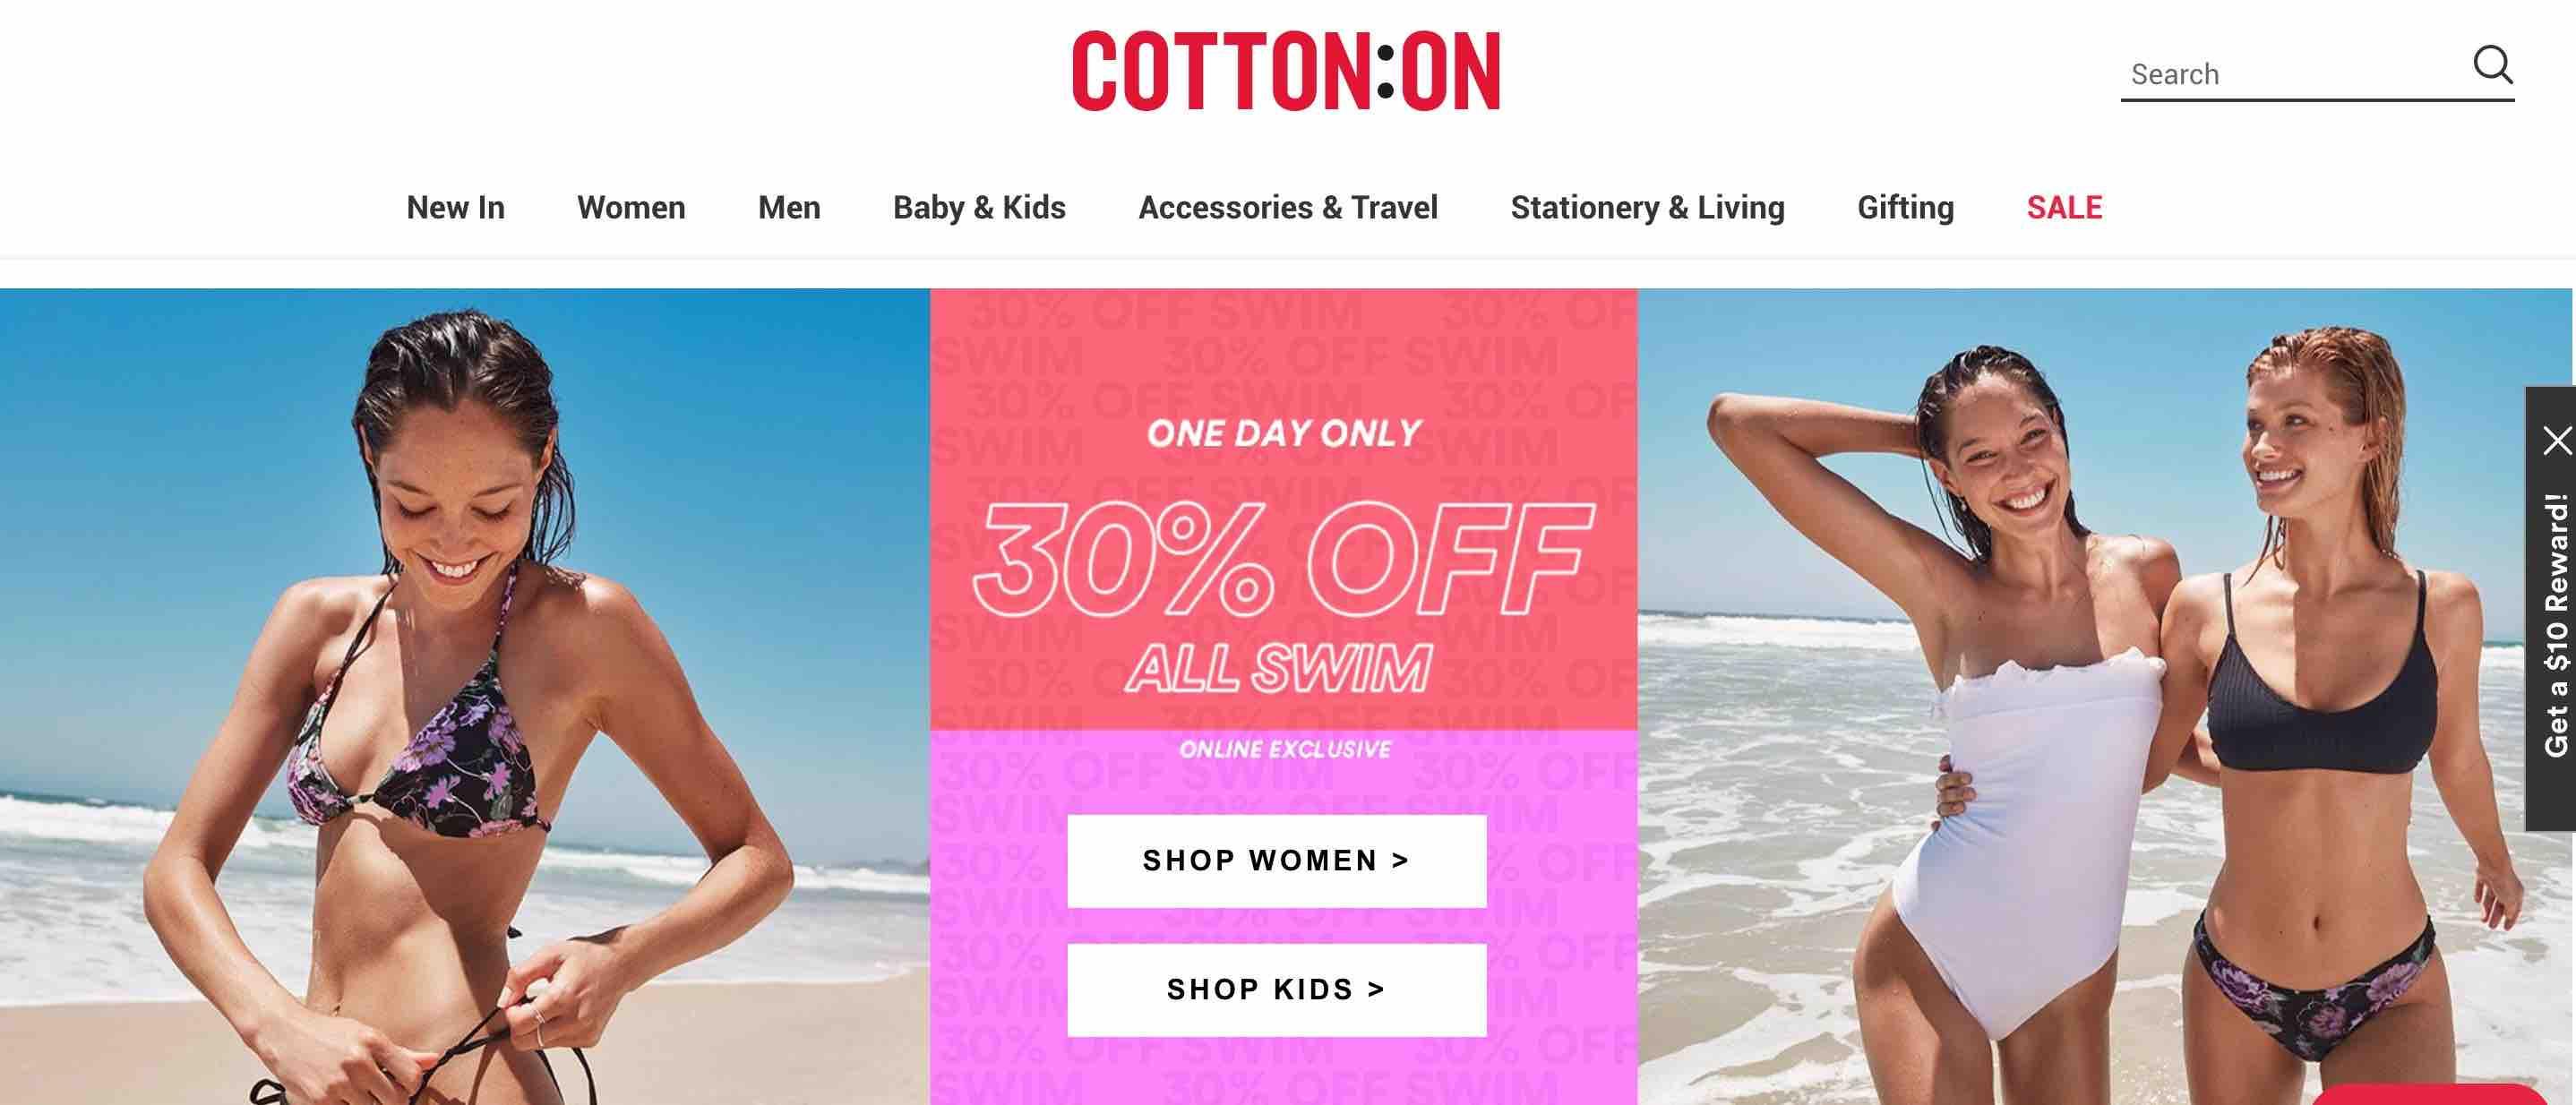 Cotton On - Promo Fashion